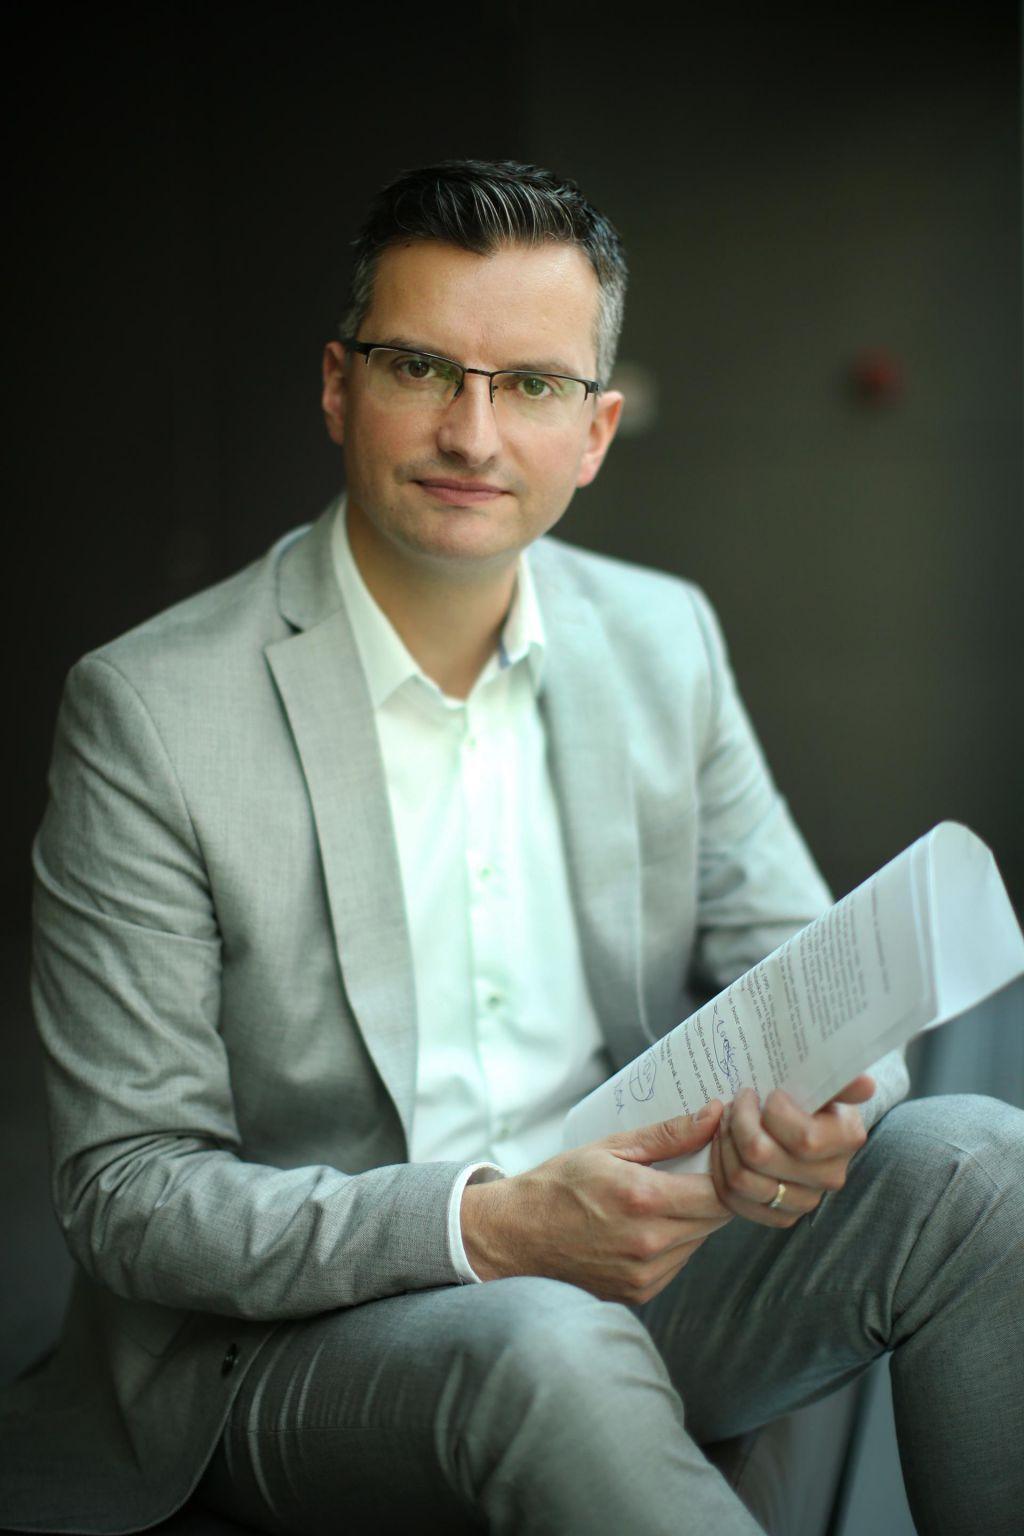 Marjan Šarec vleče vzporednice z Janezom Drnovškom